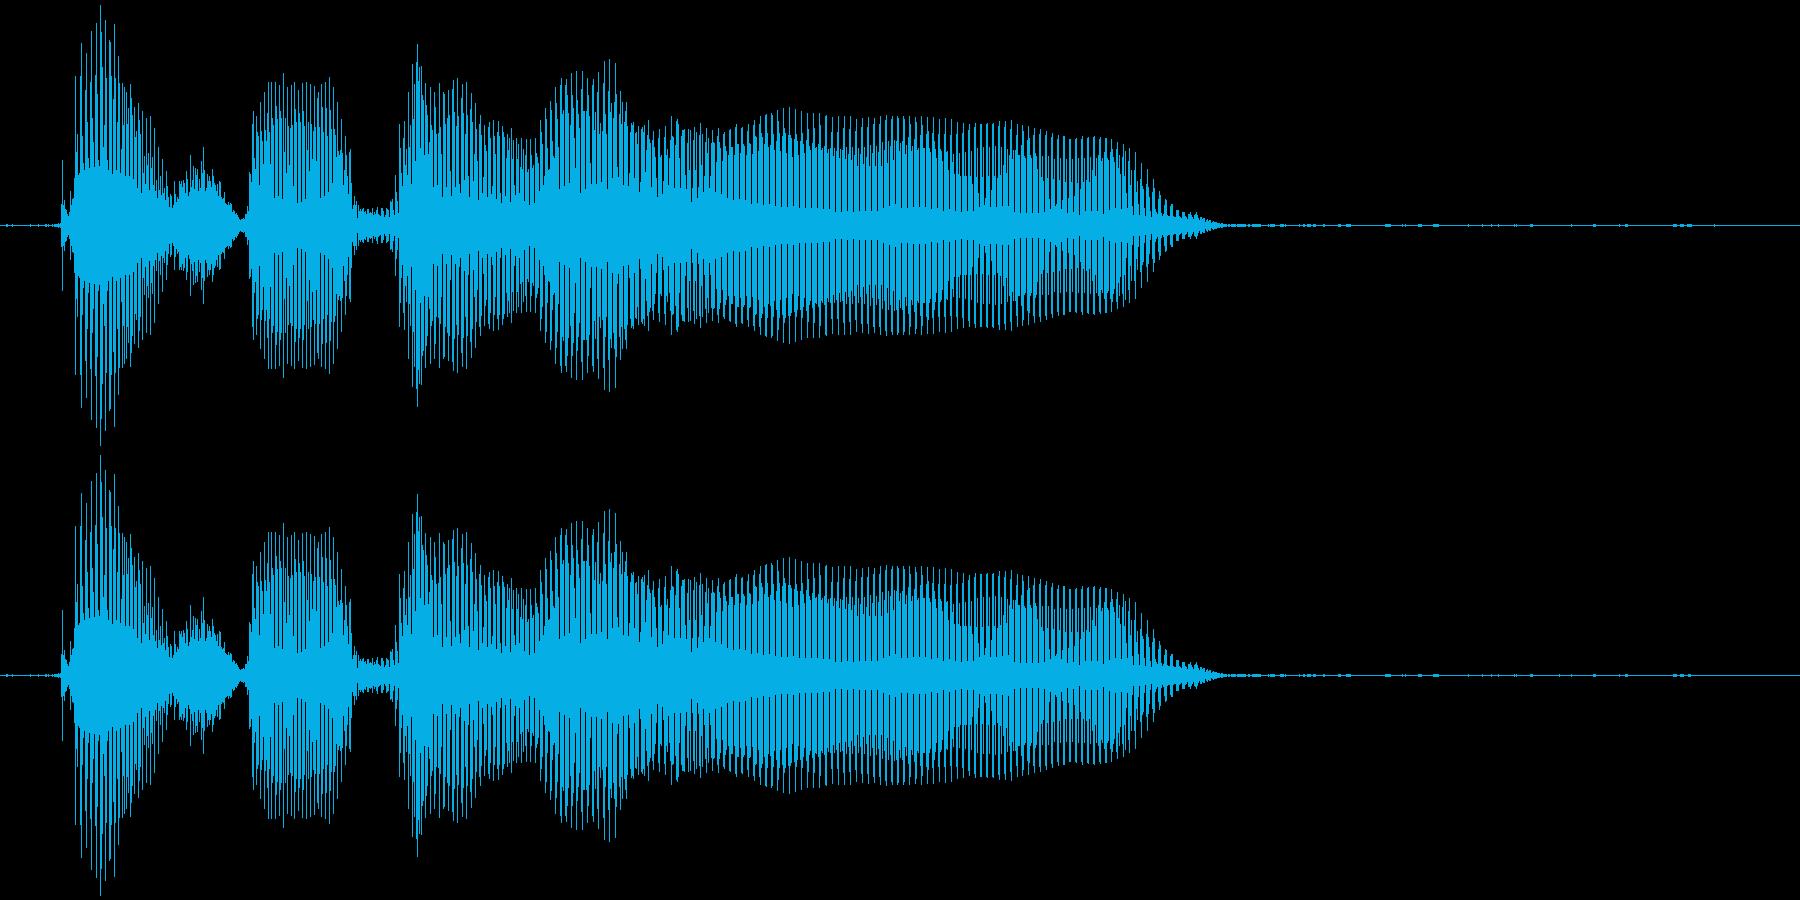 「朝だよーーー」(のんきな感じ)の再生済みの波形